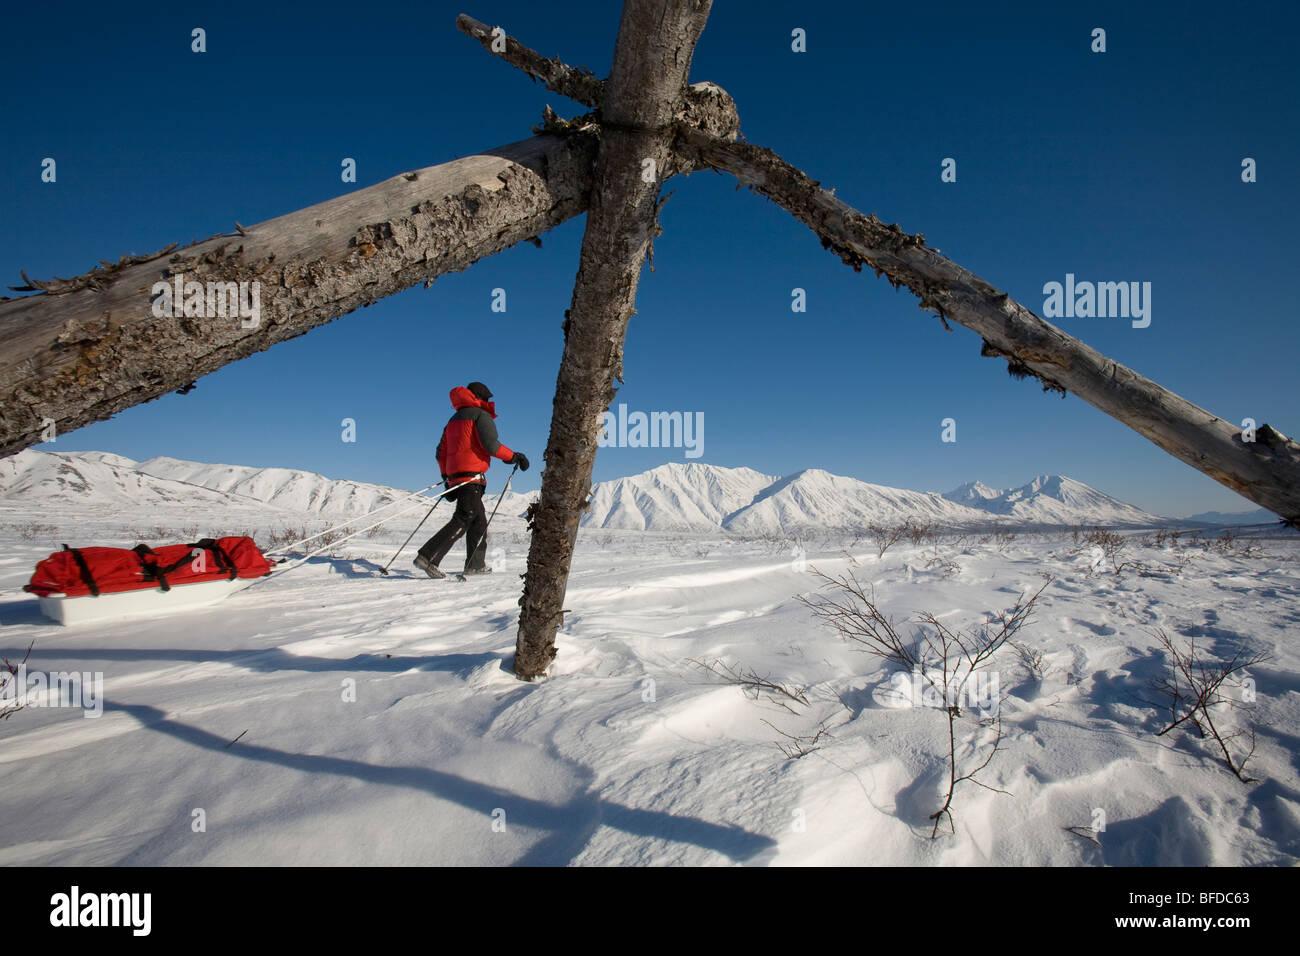 Une femme de la randonnée à travers un paysage de montagne enneigé, tirant un traîneau. Photo Stock